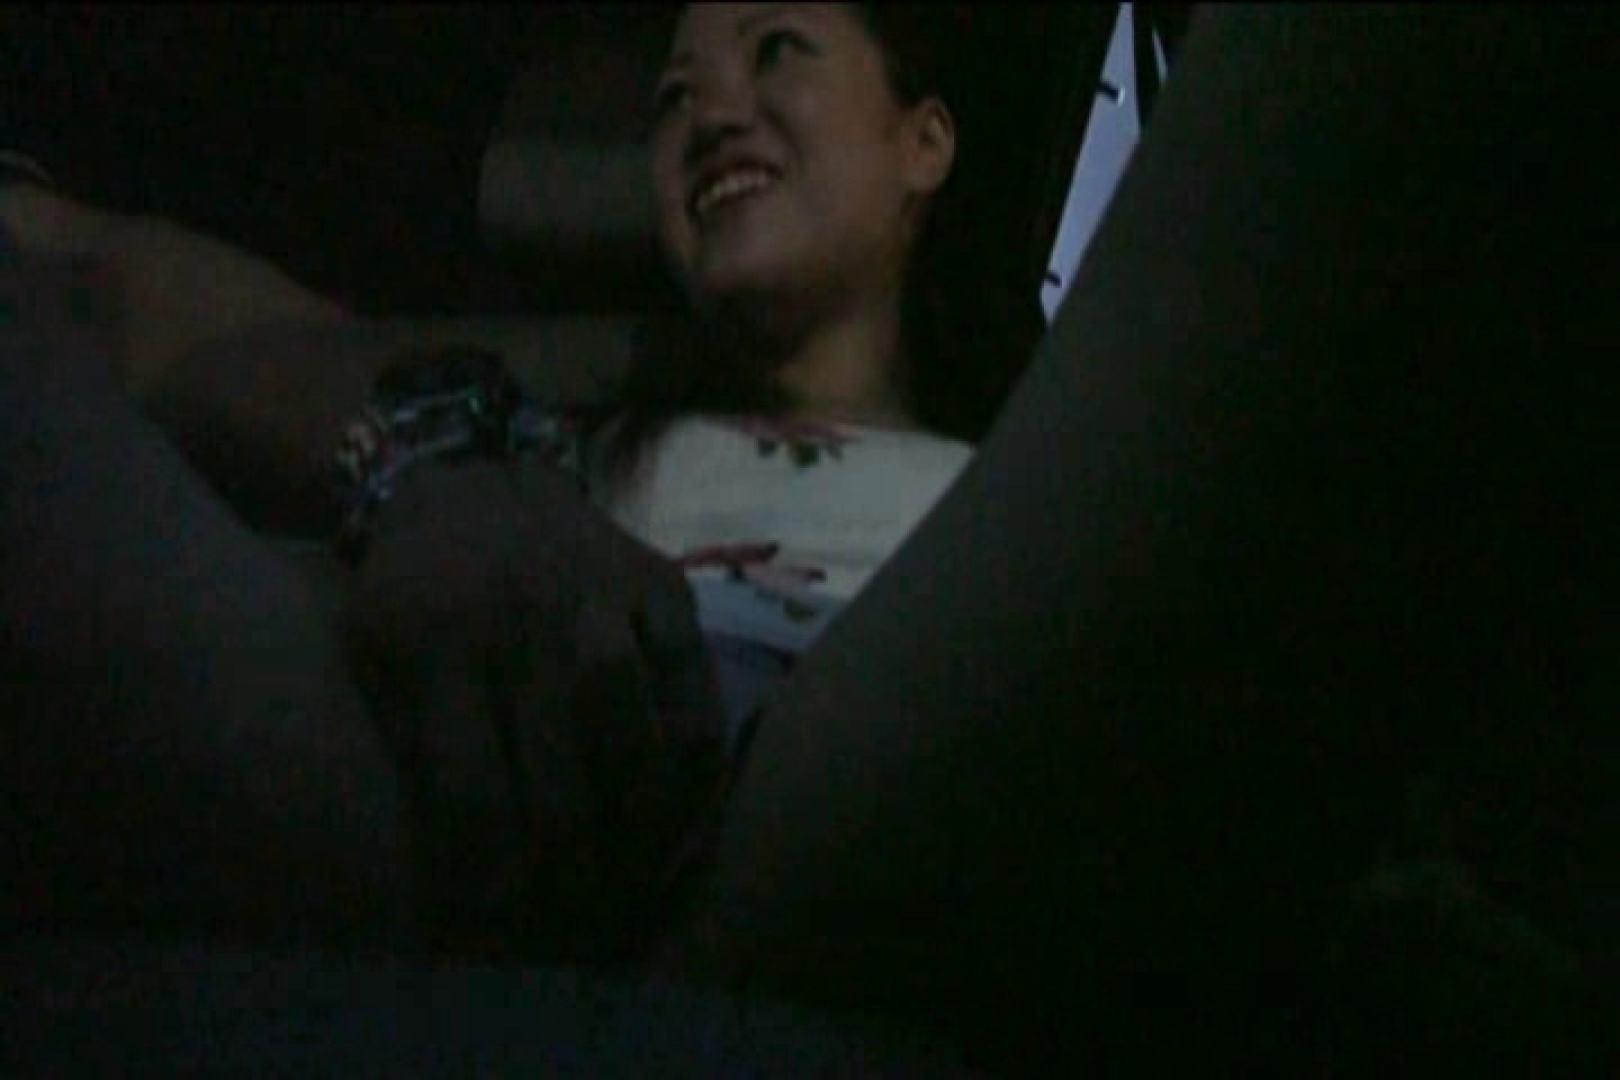 車内で初めまして! vol01 ハプニング   盗撮  68pic 38